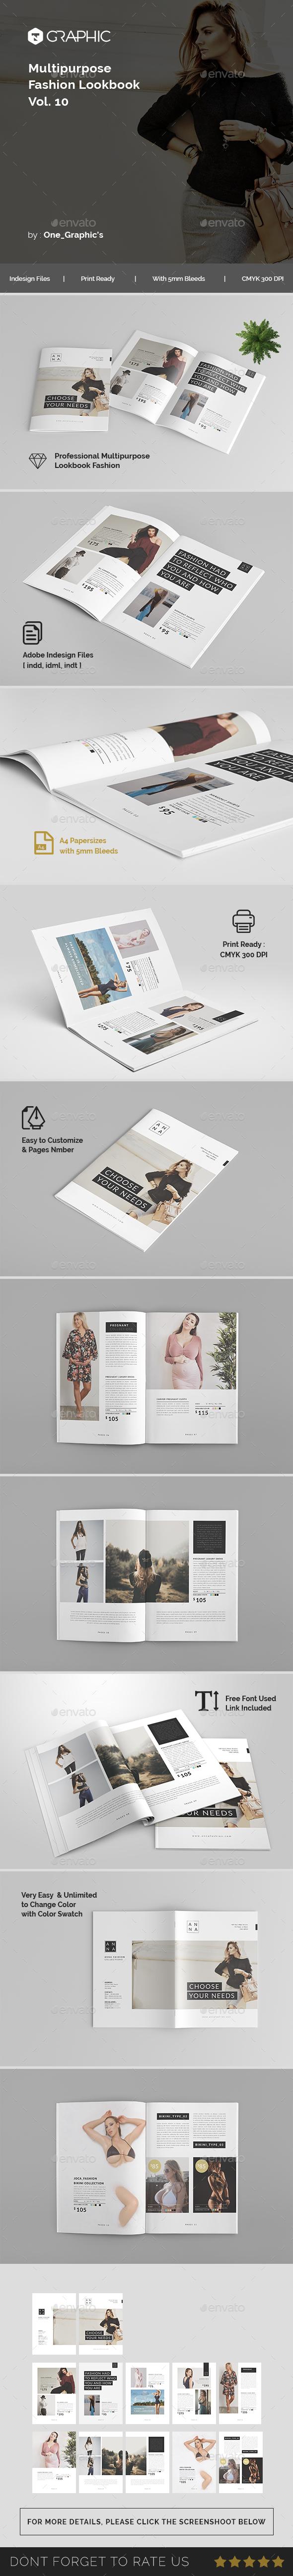 GraphicRiver Fashion Lookbook Template Vol 10 21124921